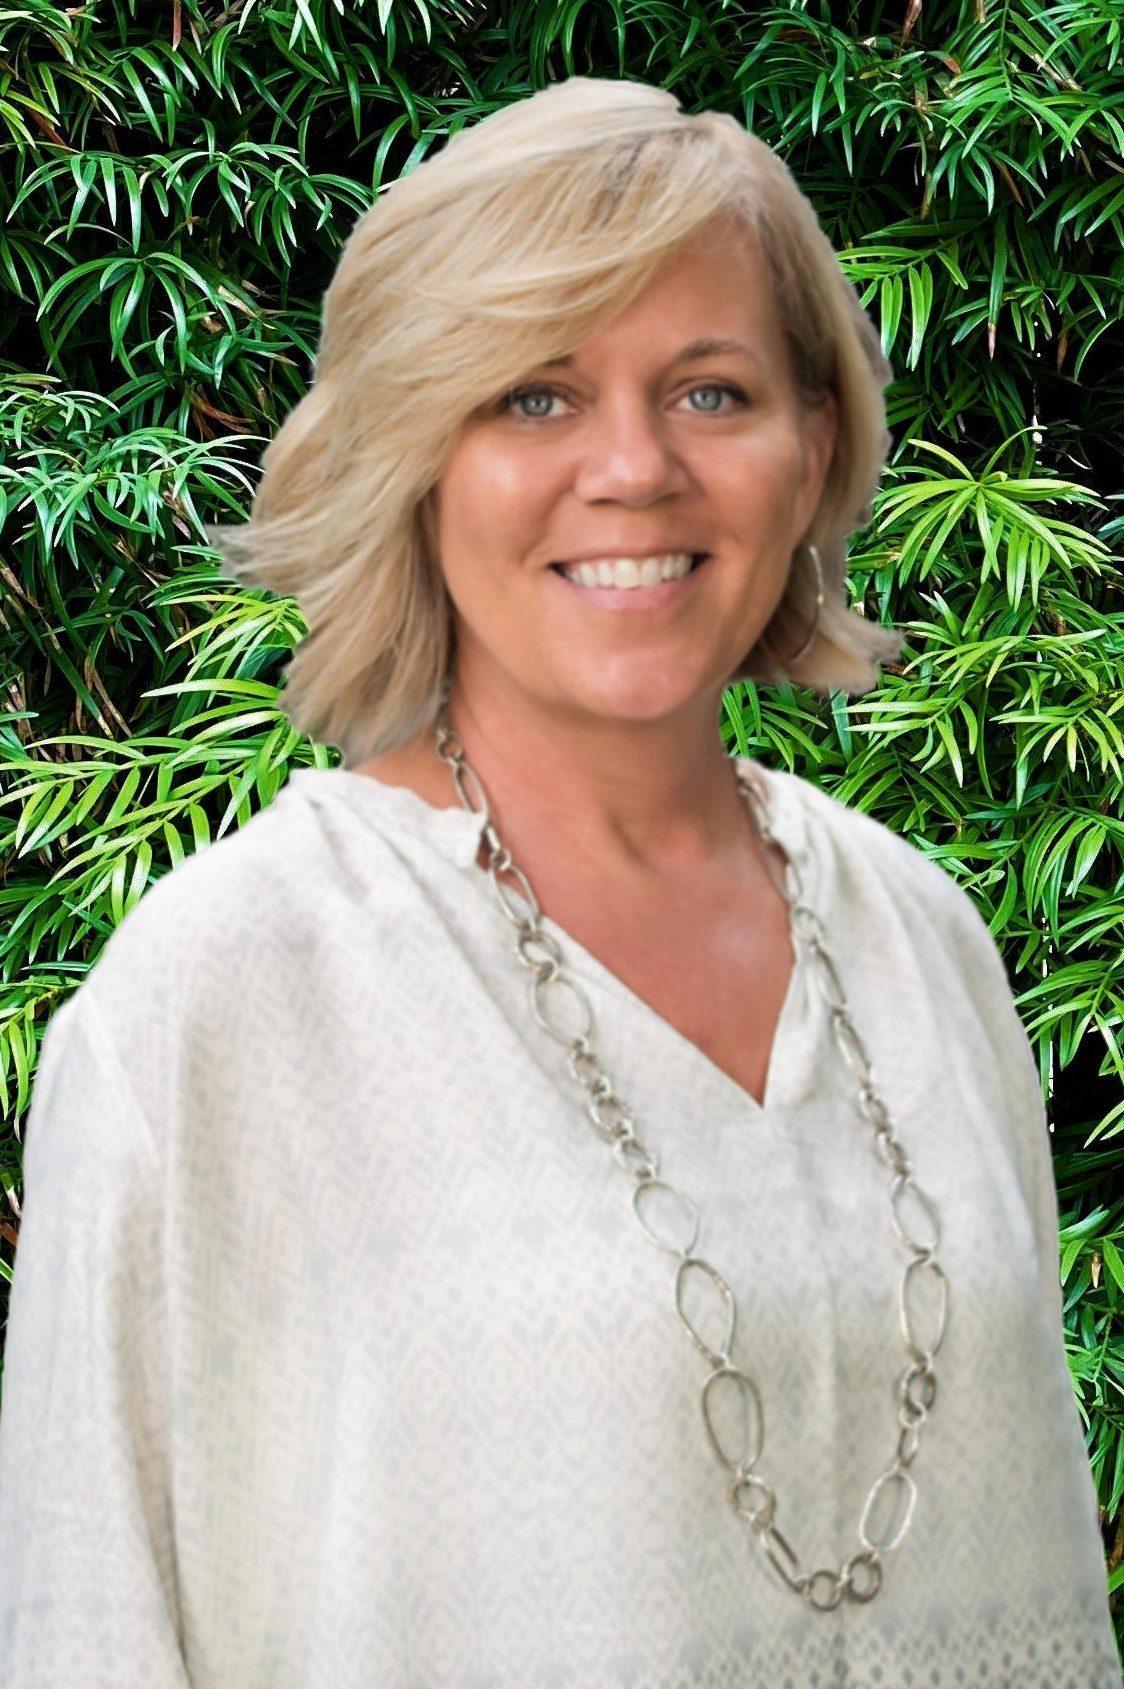 Karen Zieba